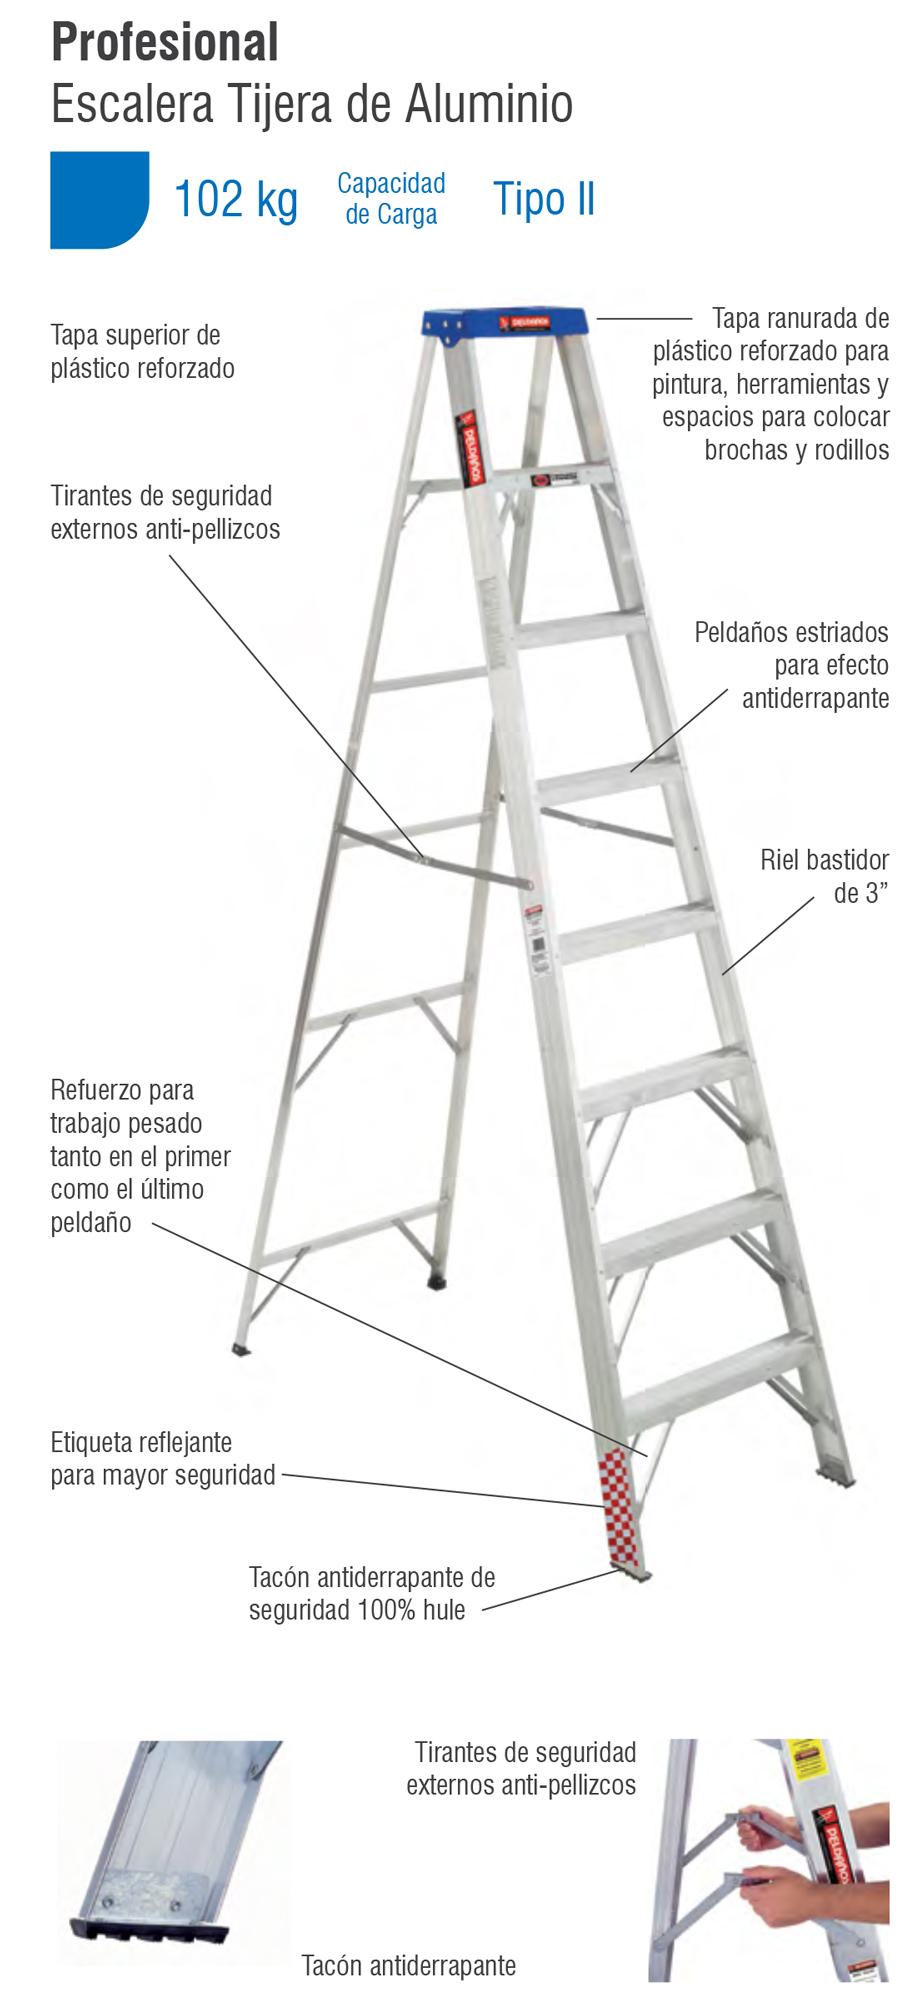 Escalera tijera aluminio 2 pelda os tipo ii 706785 for Escalera aluminio 2 peldanos